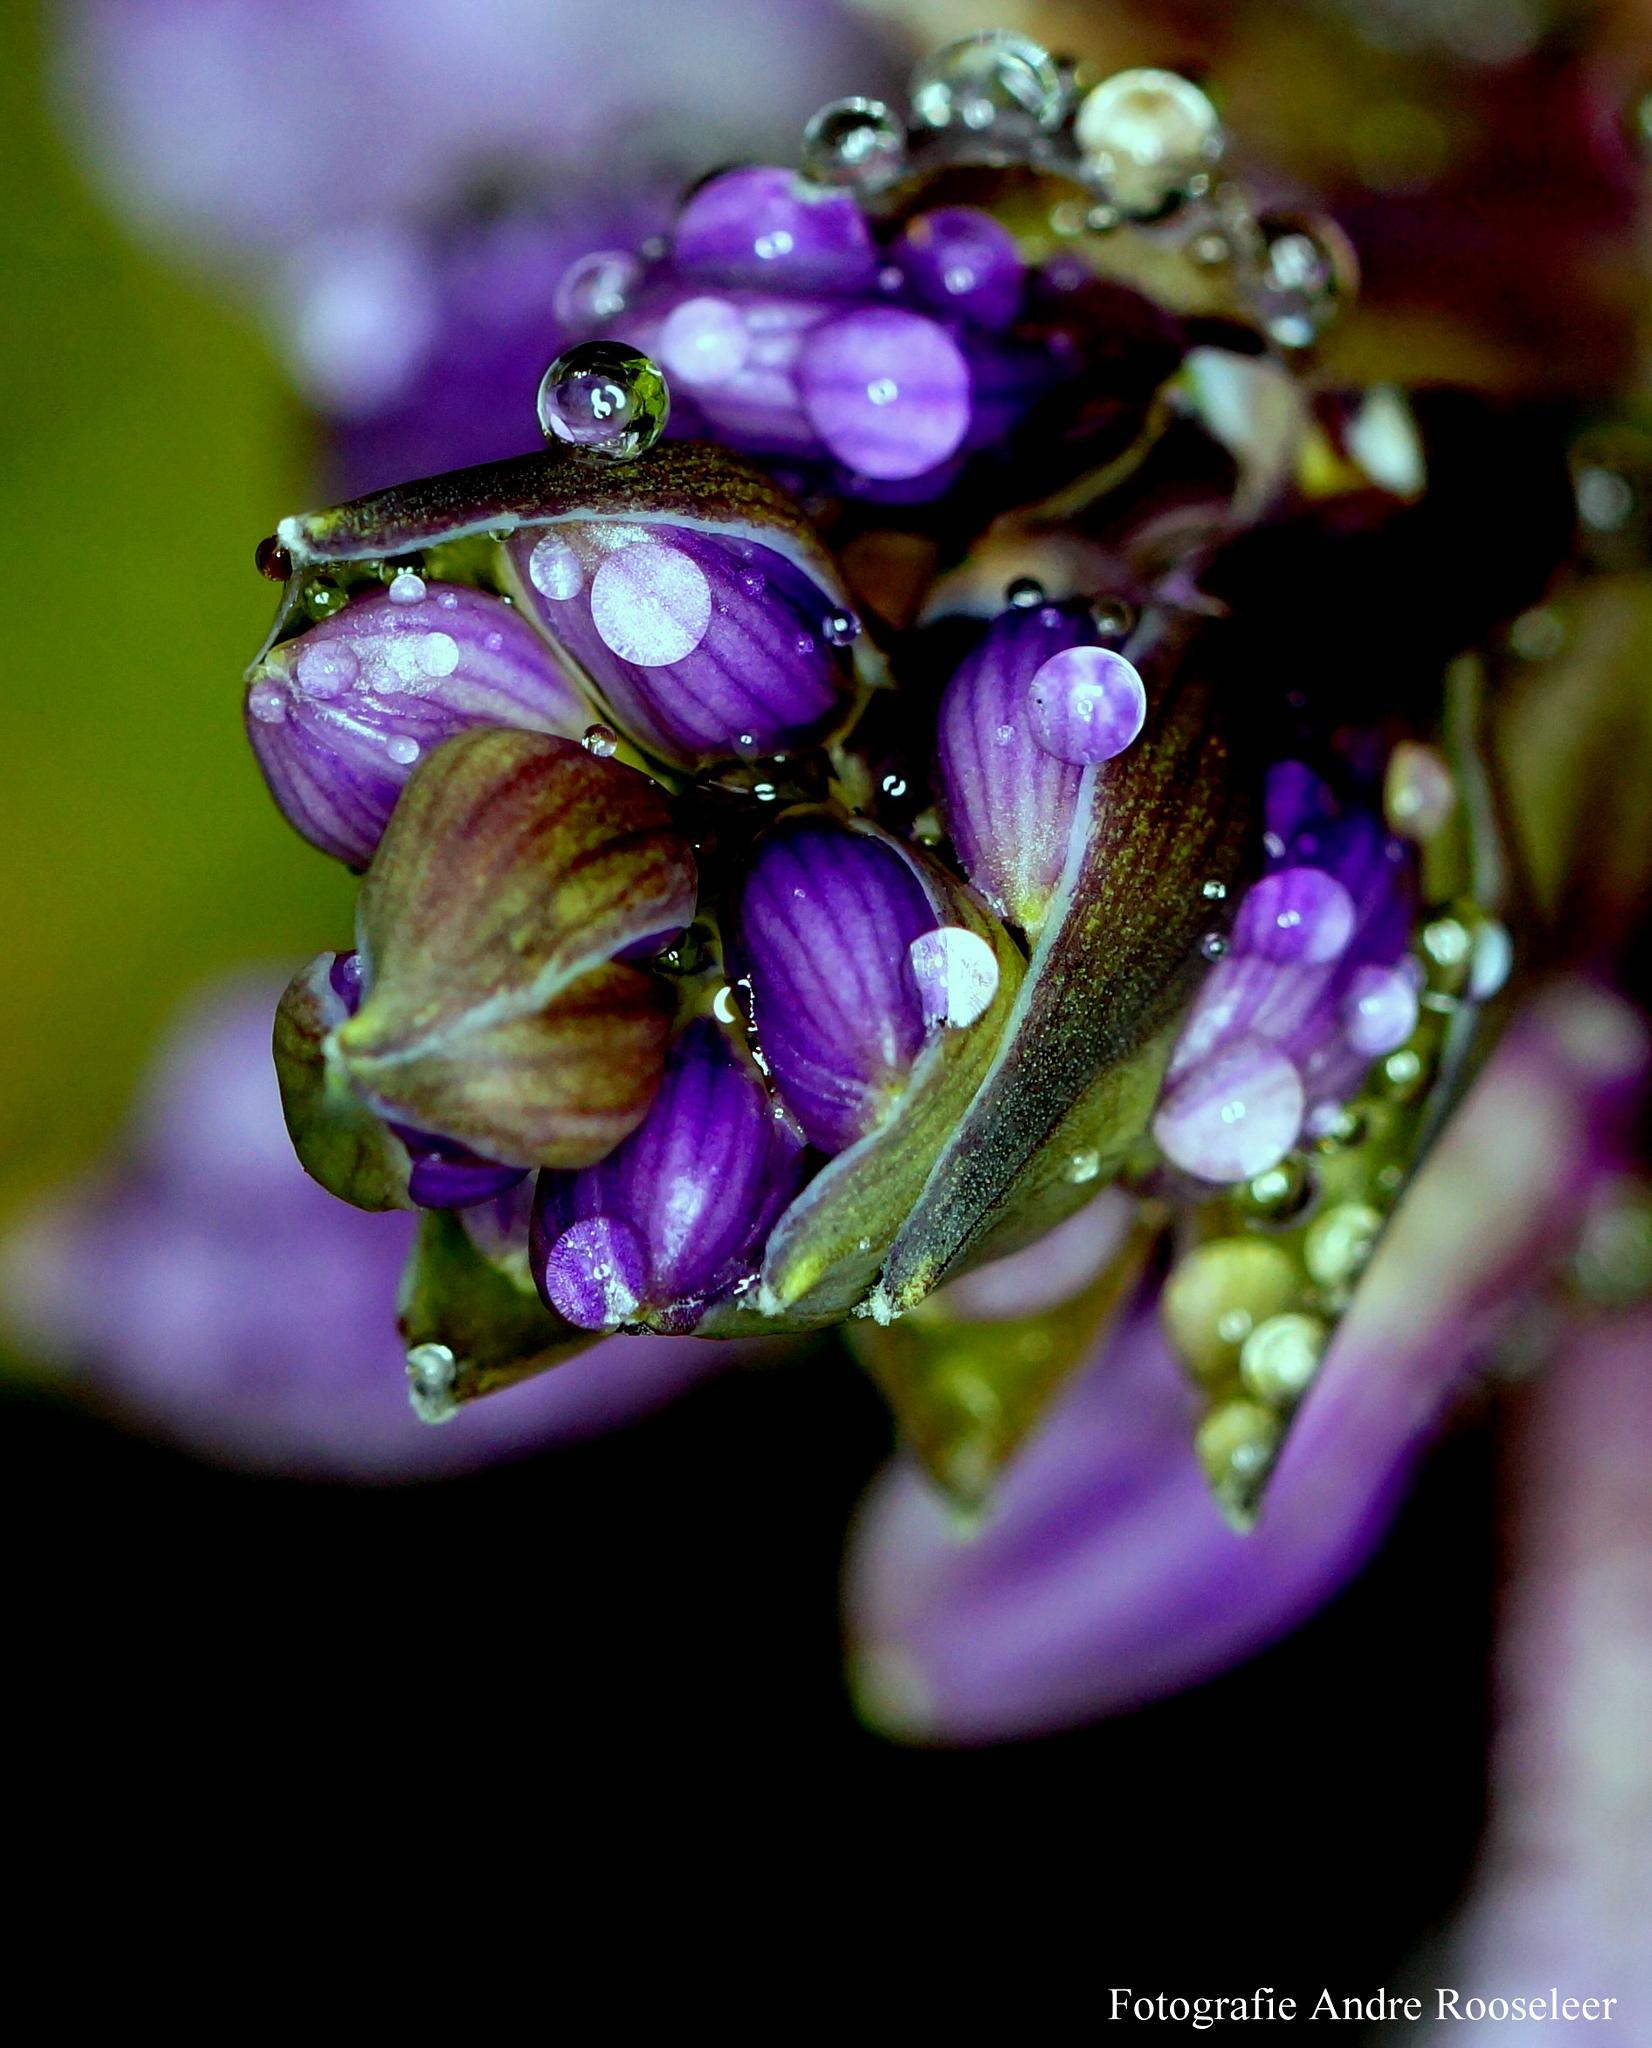 Regendruppels op de bloem van de Hosta(Raindrops on the flower of Hosta) by andre.rooseleer